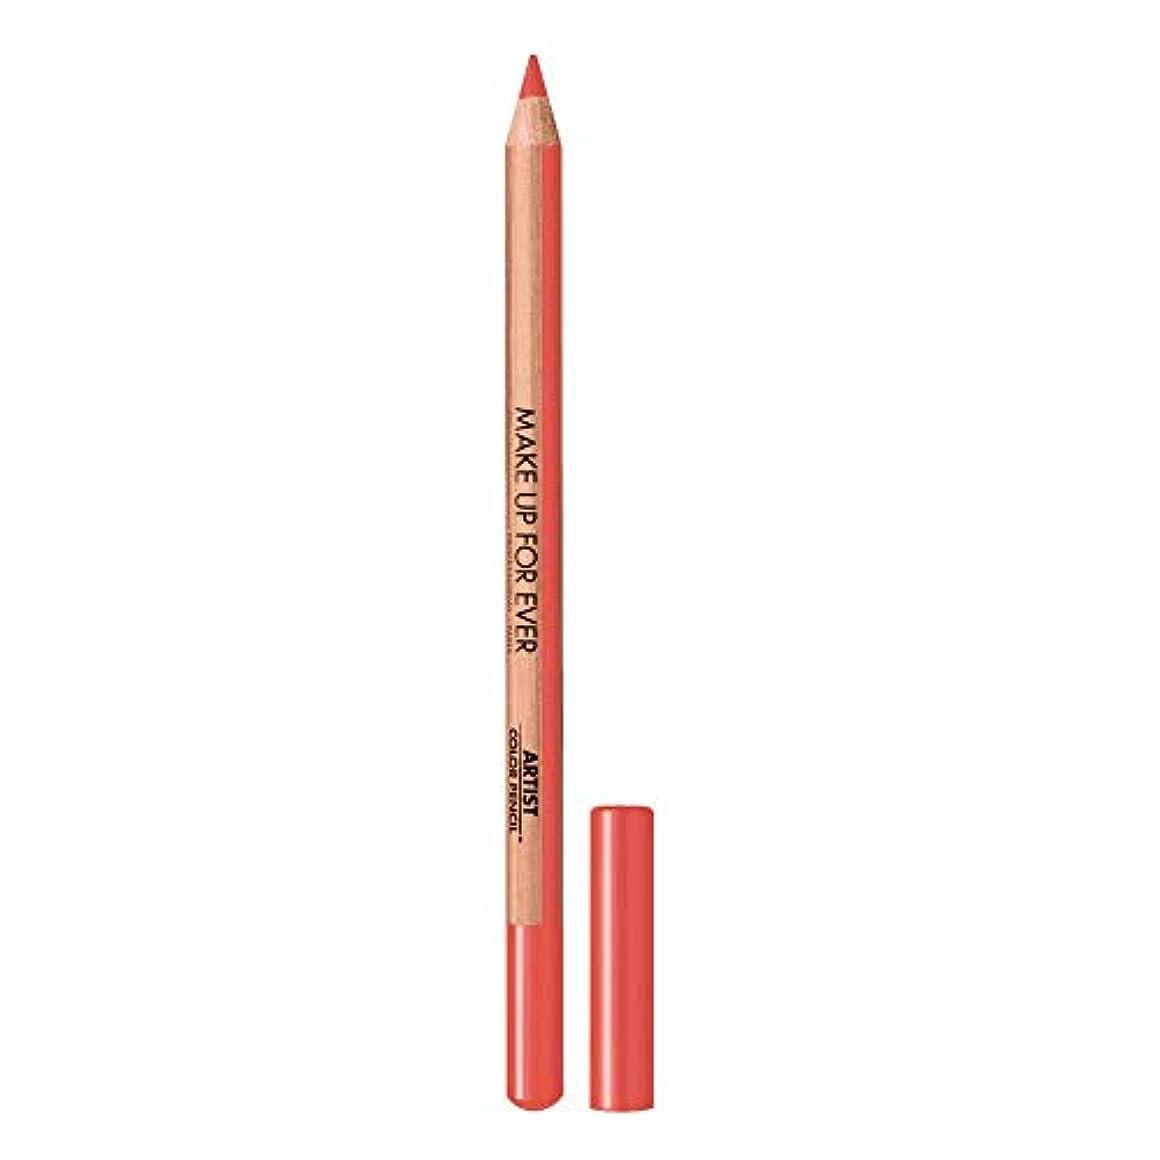 請求書ペンびっくりメイクアップフォーエバー Artist Color Pencil - # 700 Wichever Coral 1.41g/0.04oz並行輸入品